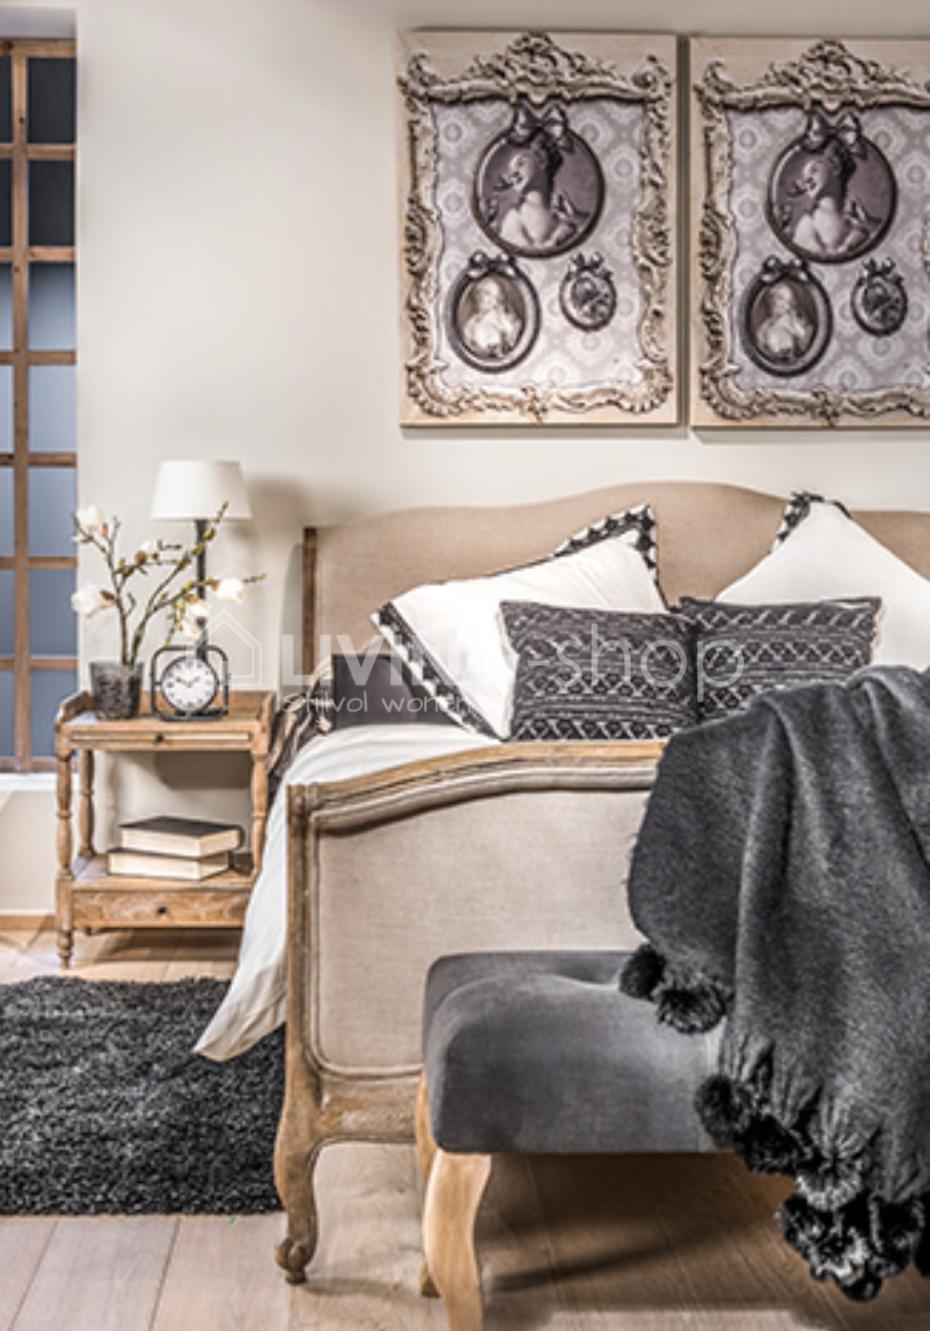 Bekend Eiken bed landelijke stijl online kopen #LIVING-shop, wonen @KL45